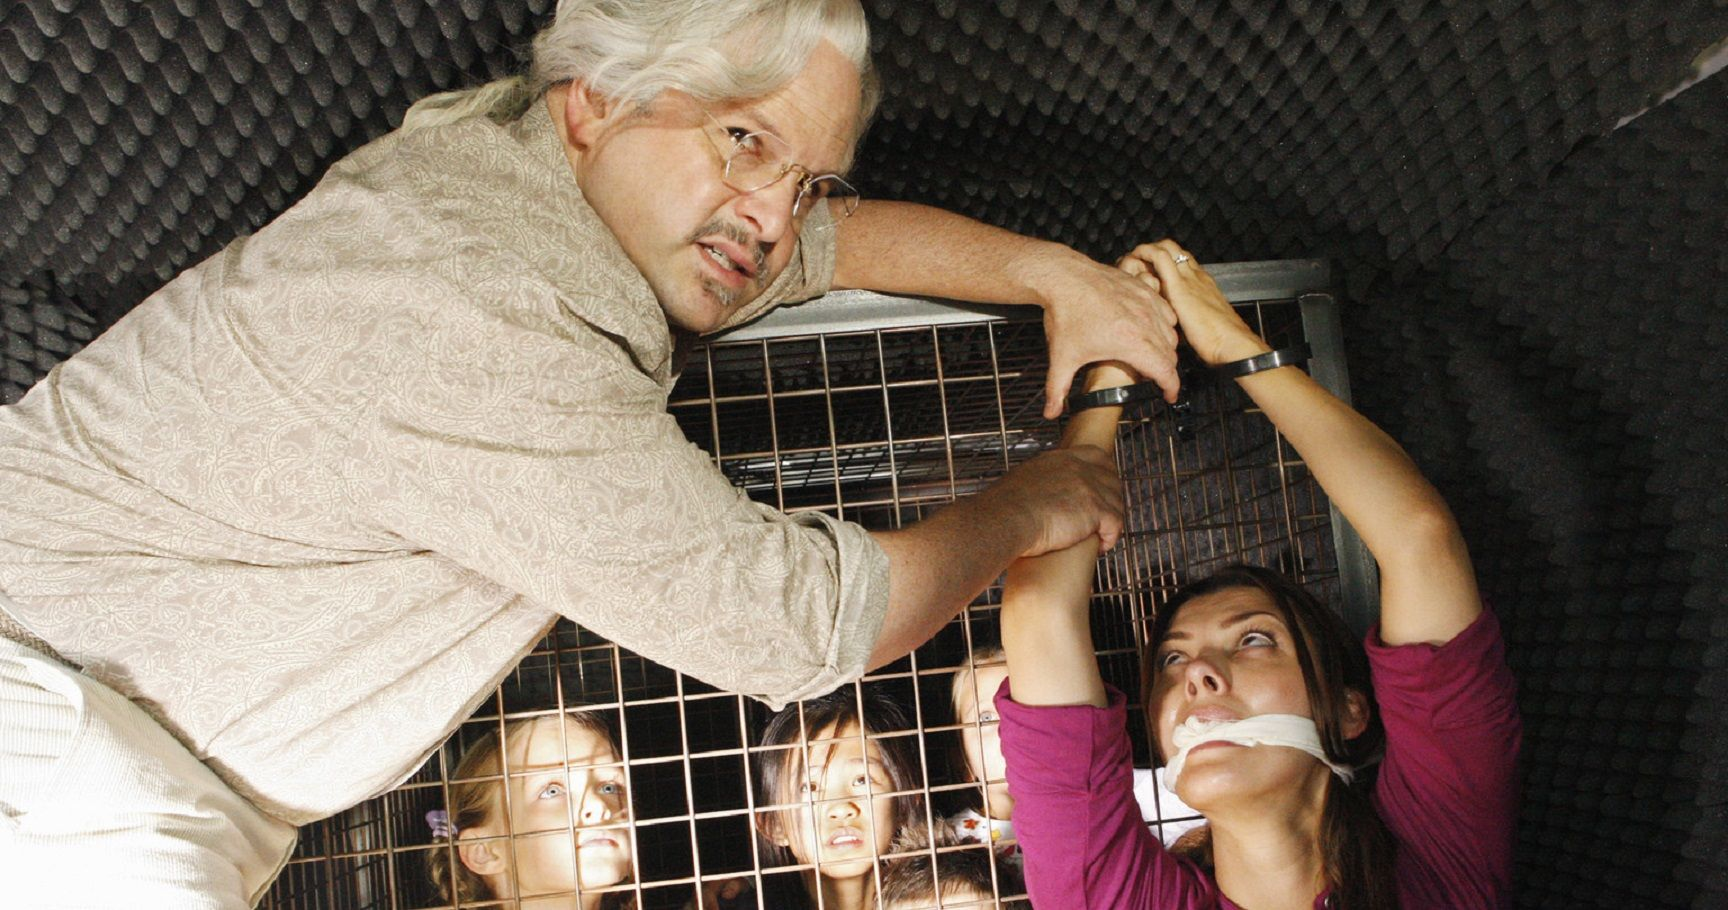 10 Creepiest Criminal Minds UnSubs | TheRichest